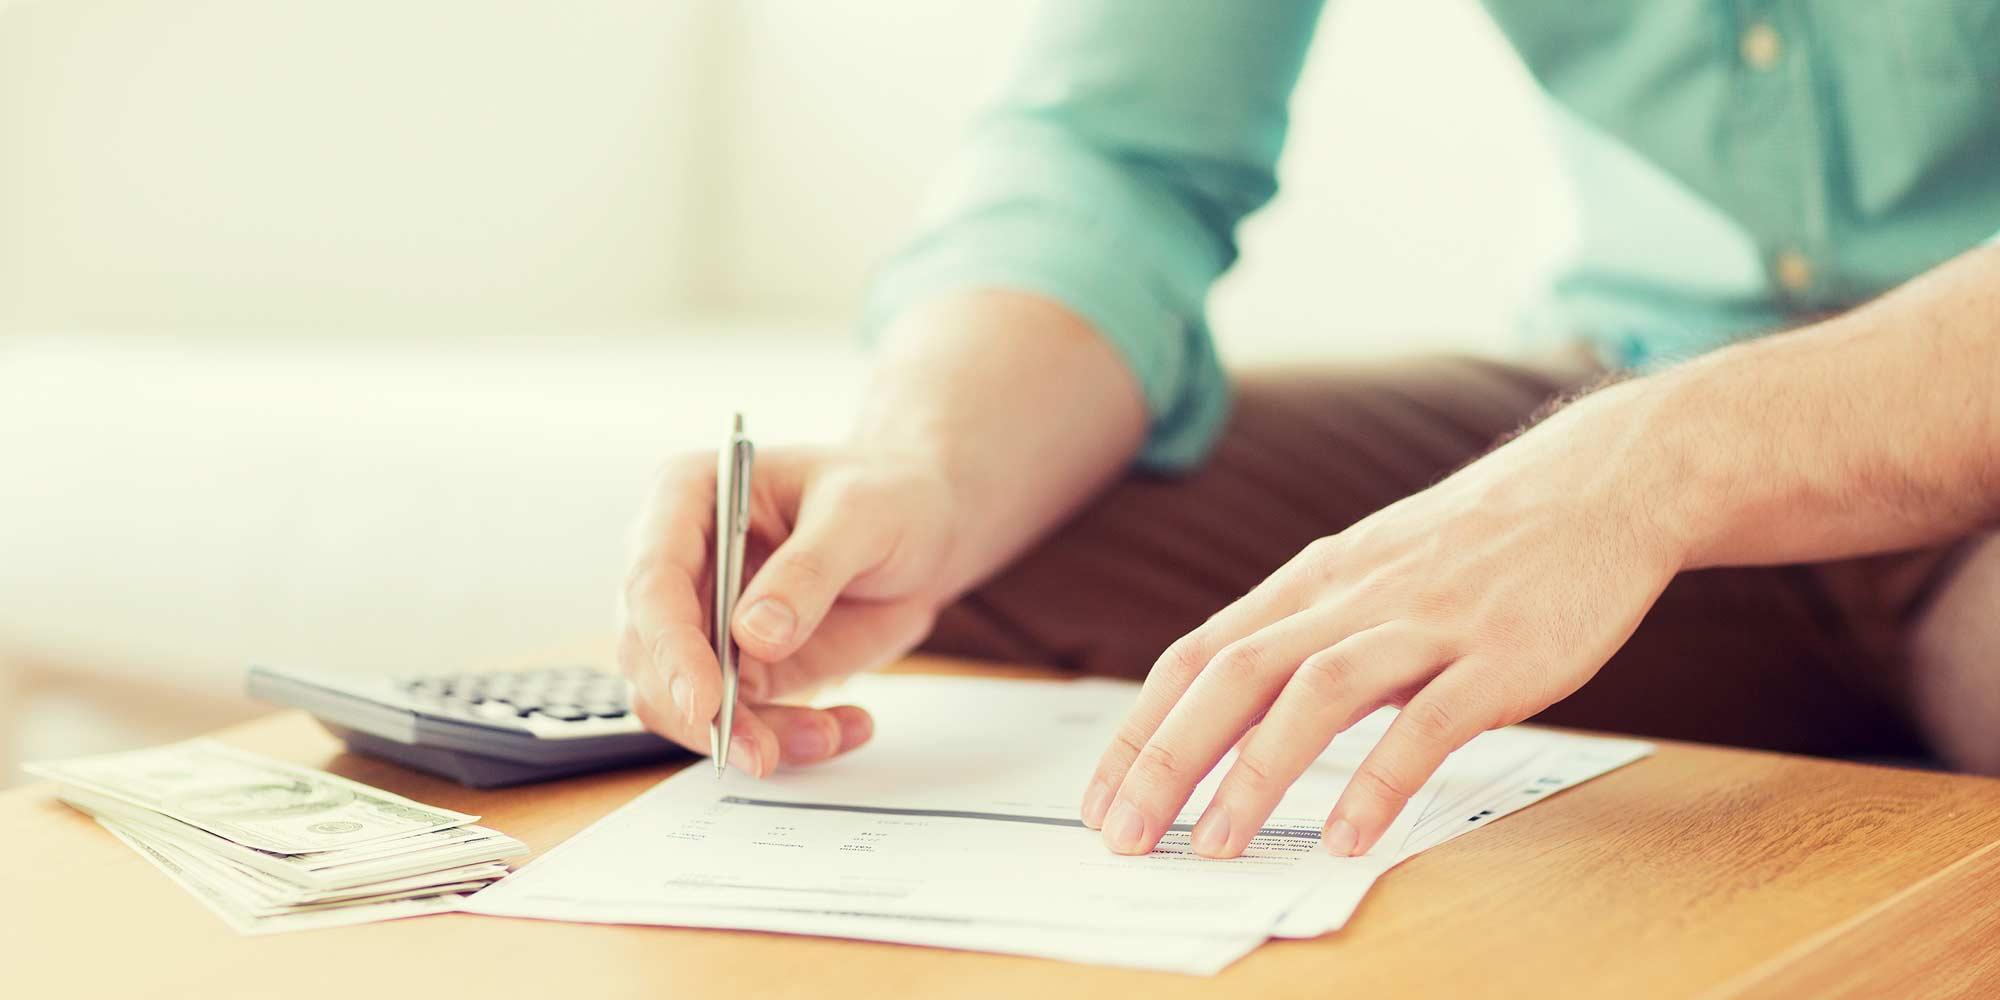 Unterscheidung: Annuitätendarlehen, Ratenkredit und endfälliges Darlehen